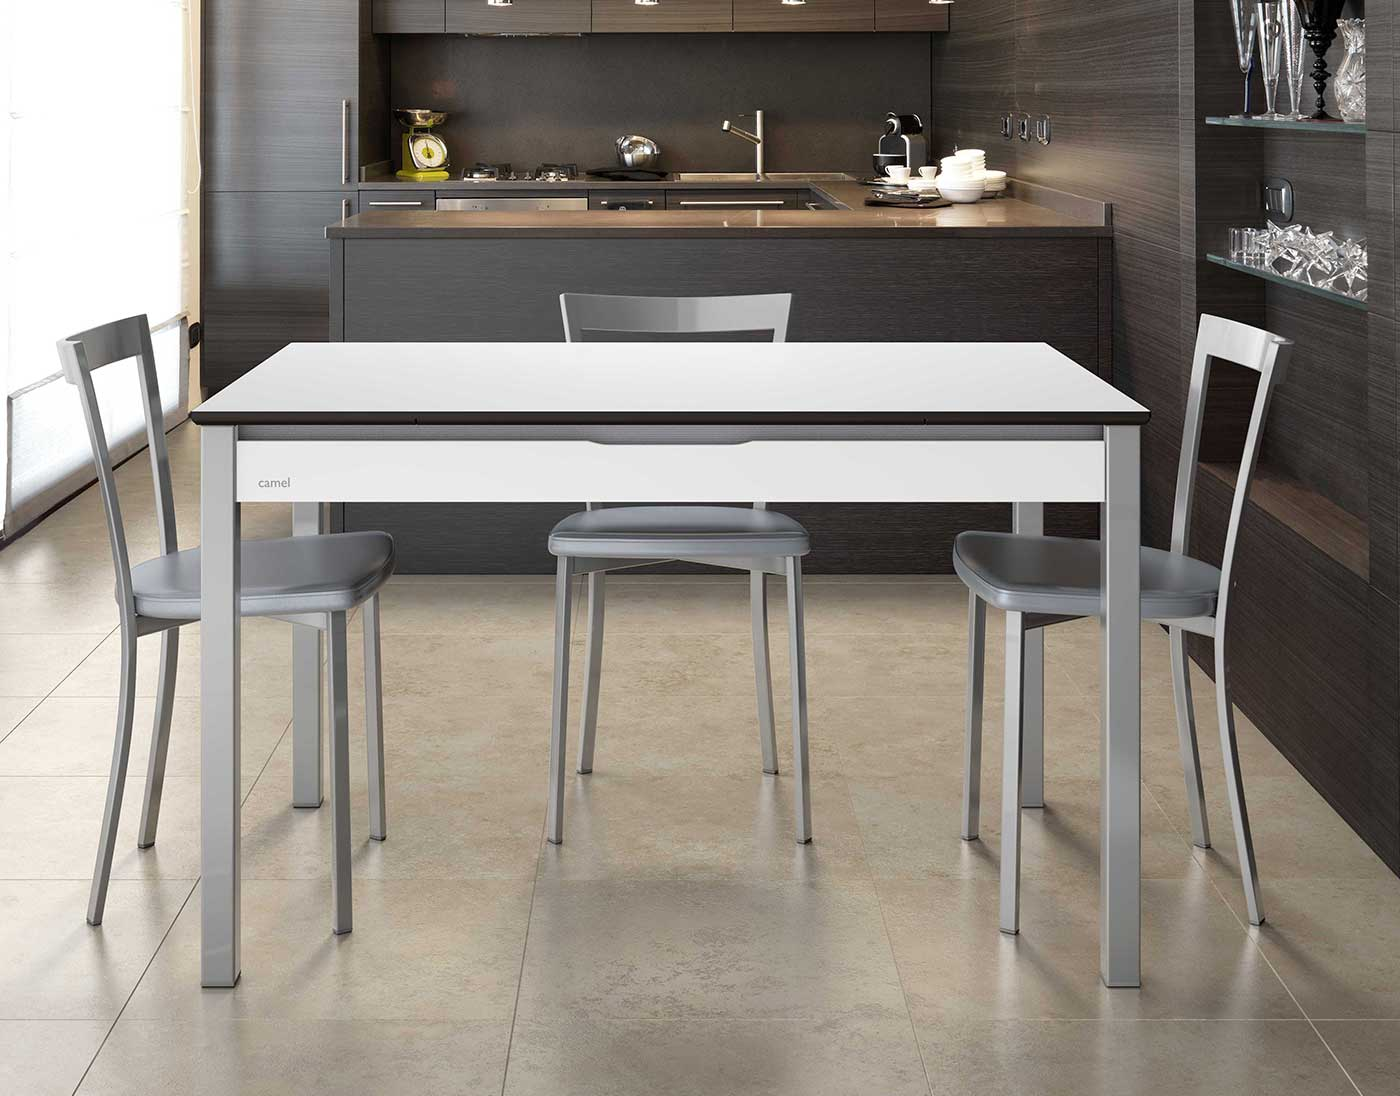 La mejor mesa de cocina comparativa guia de compra del abril 2018 - Mesas de cocina plegables baratas ...